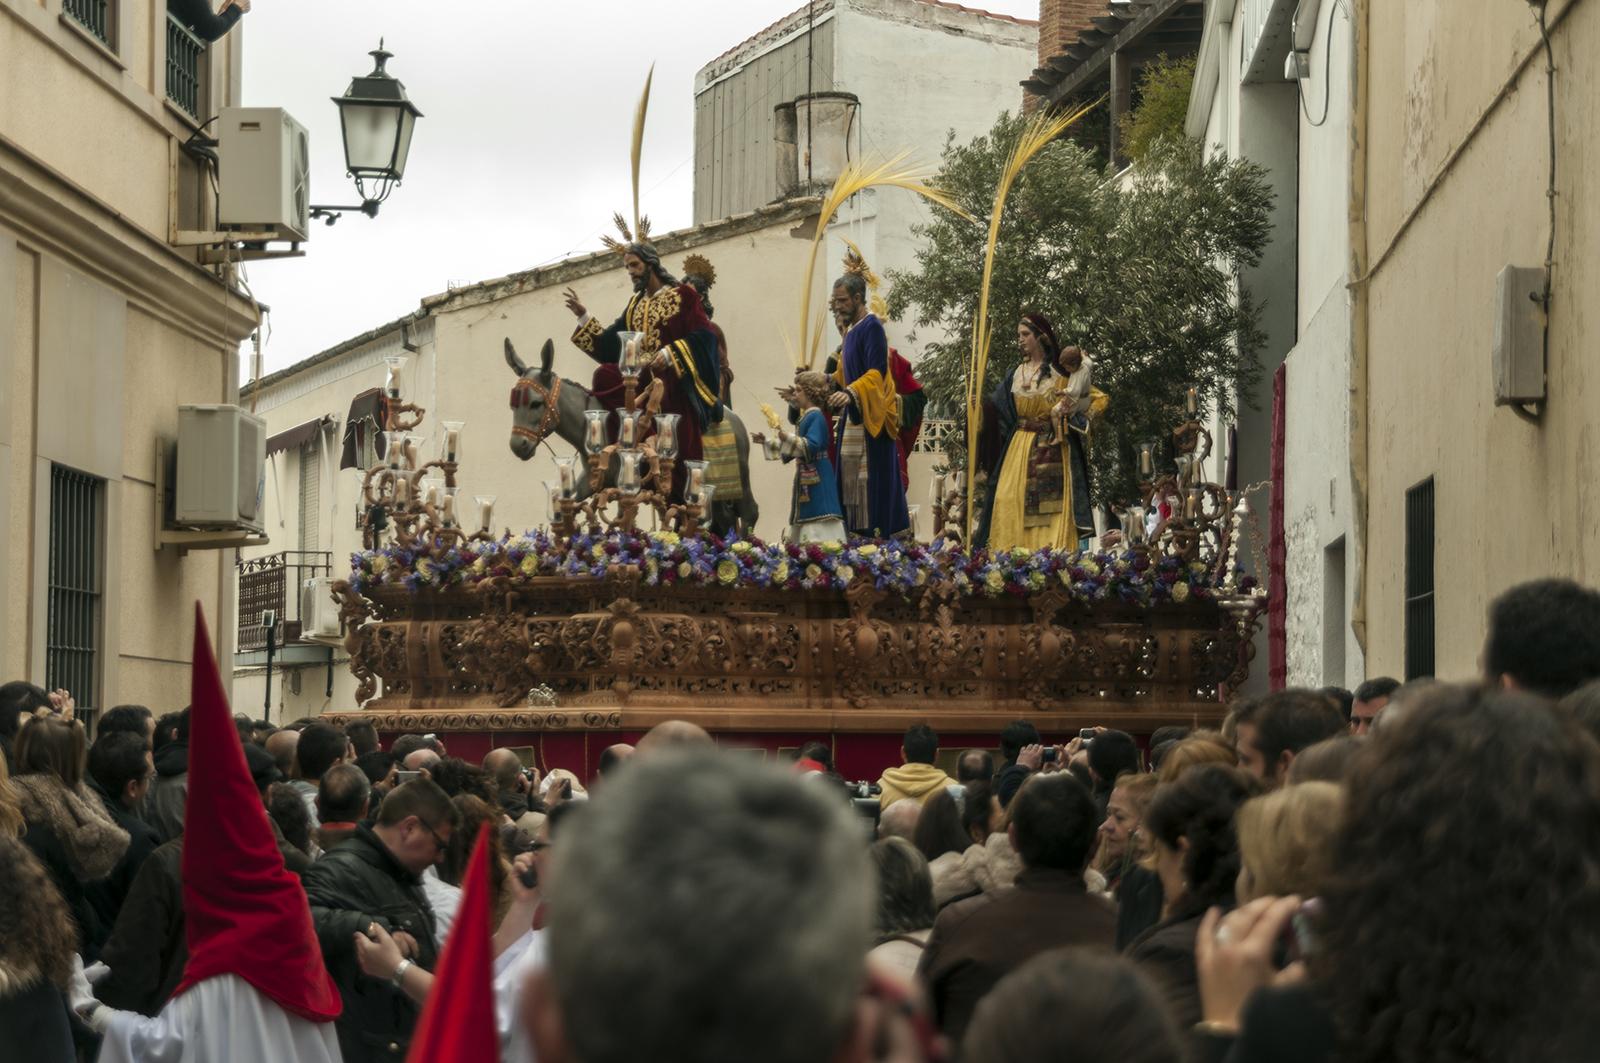 Jesús de Nazaret a lomos de un asno | Foto del paso de misterio de la Entrada en Jerusalén saliendo a la calle rodeada de público.